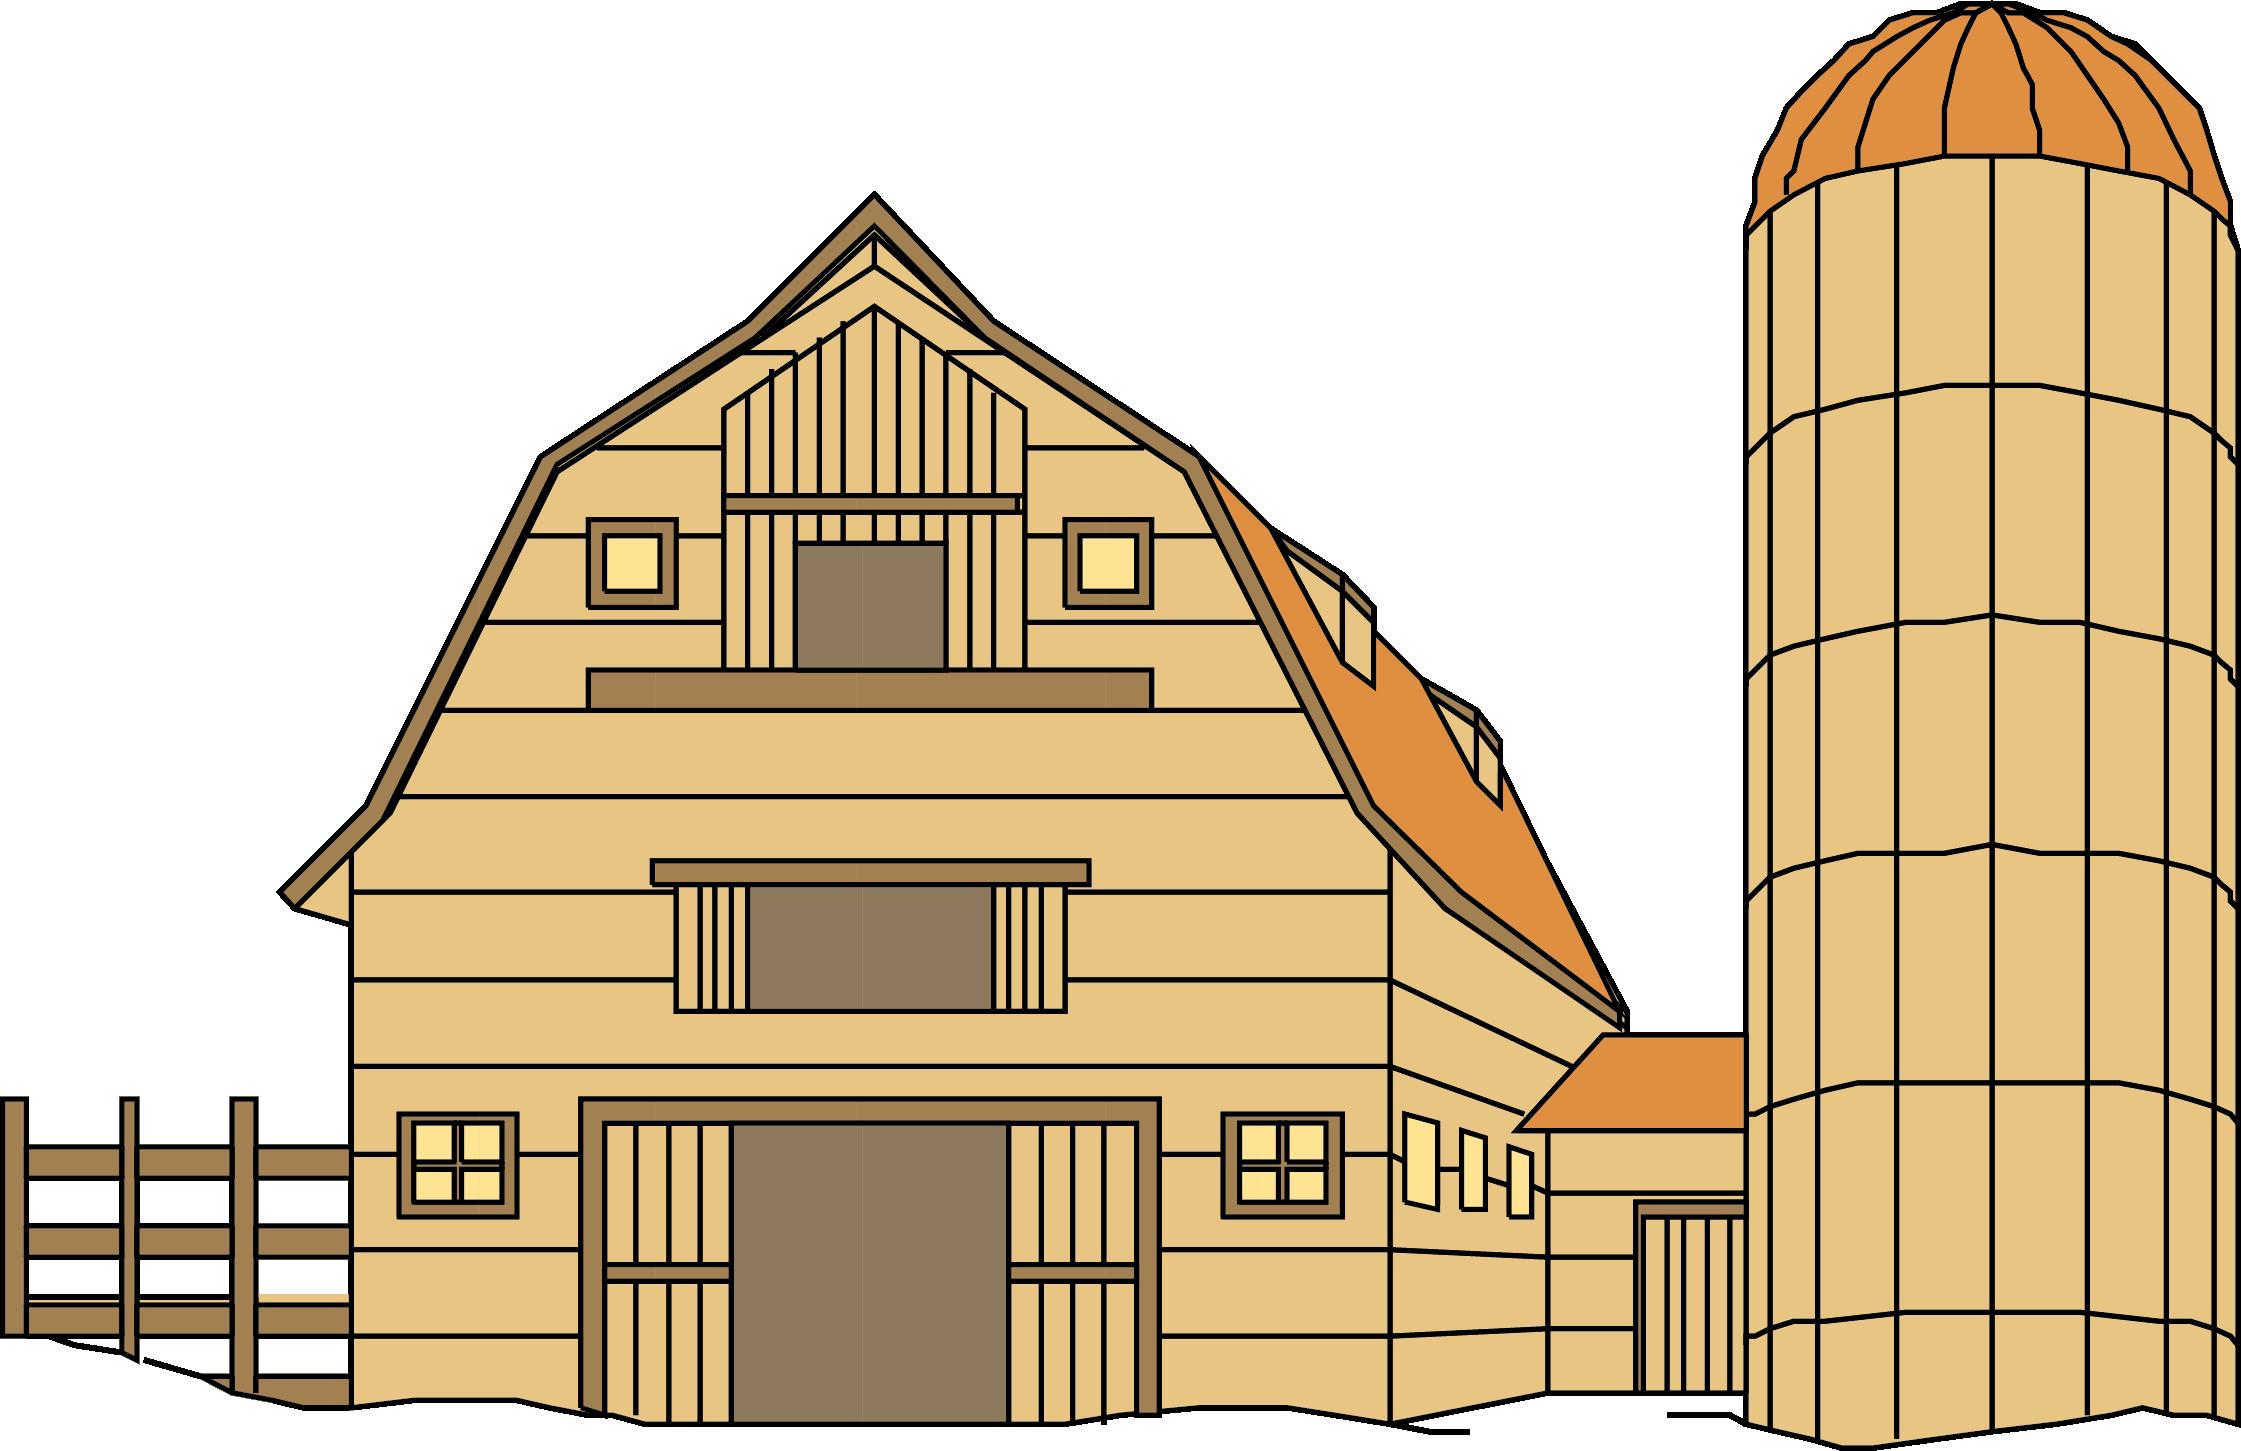 Farmhouse clipart farm house. Silo barn clip art